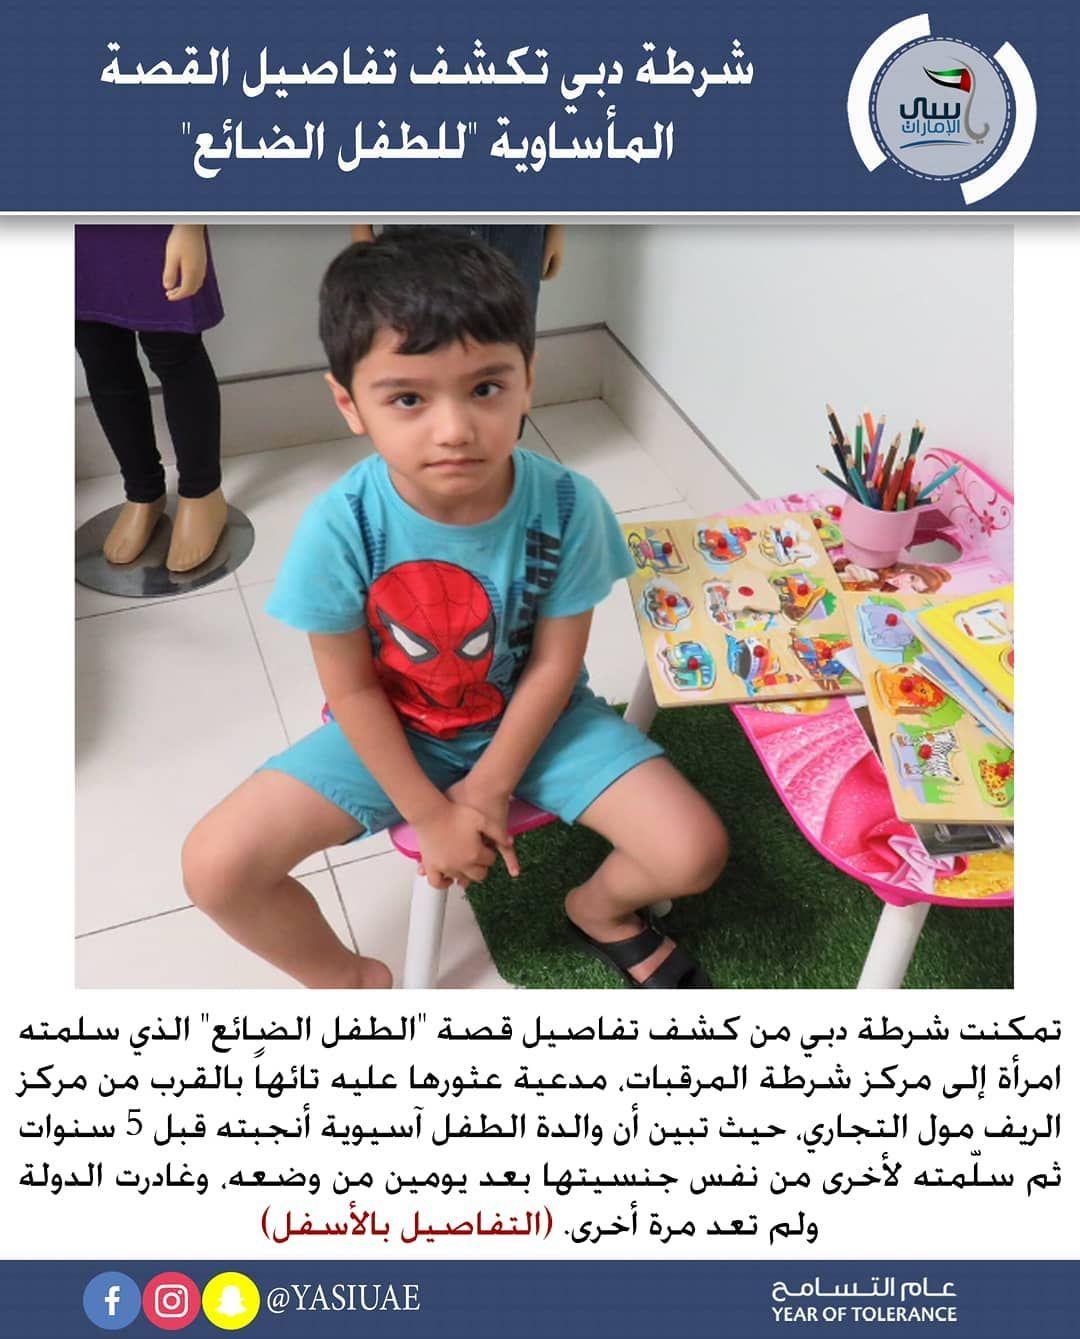 وحول التفاصيل قال العميد علي غانم مدير مركز شرطة المراقبات إن امرأة حضرت إلى المركز وبصحبتها الطفل وادعت أنها وجدته تائها بالقرب من الريف Baby Face Jbl Baby